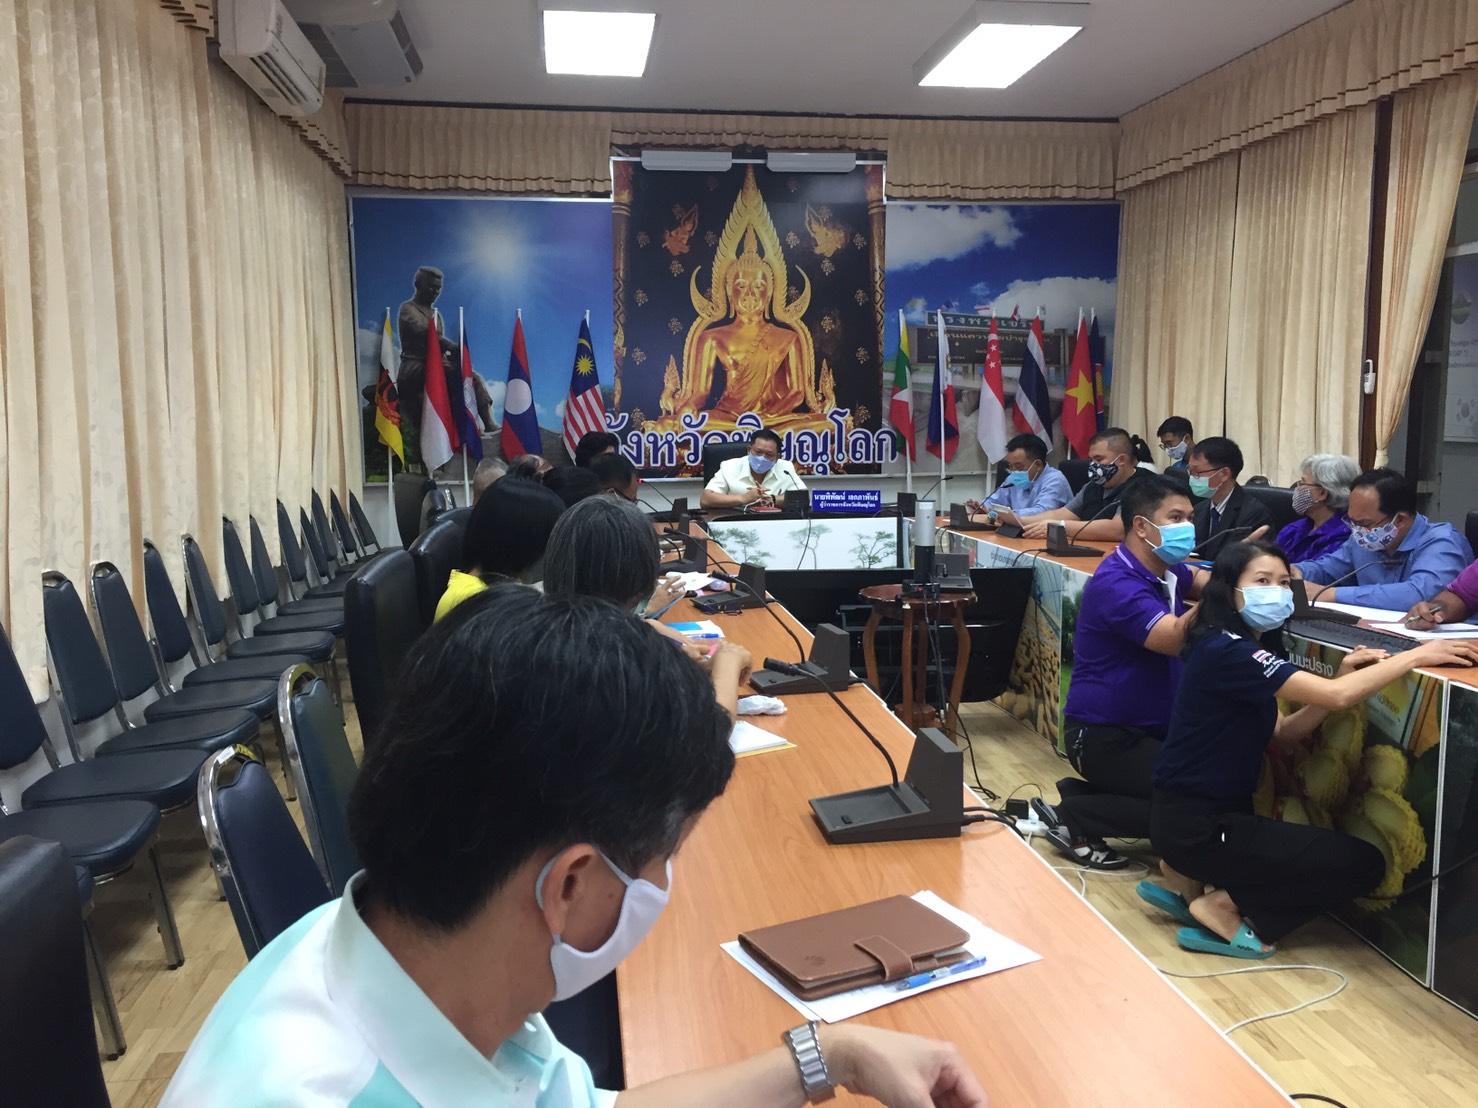 สรจ.พิษณุโลก ร่วมประชุมหารือแนวทางการให้ความช่วยเหลือผู้ประสบความเดือดร้อนจากการปิดสถานบริการบางประเภท